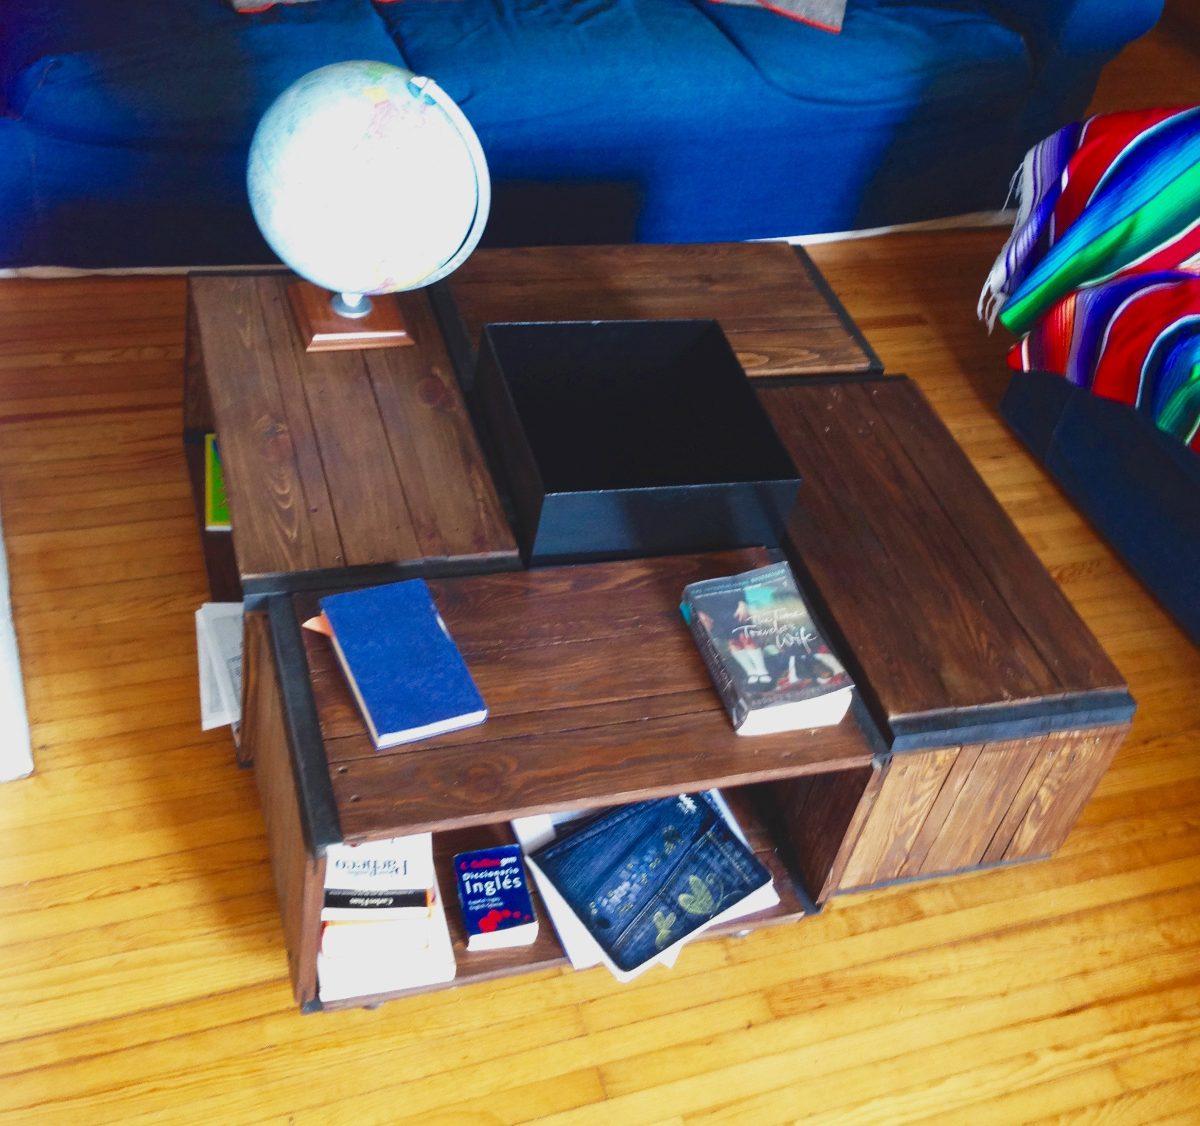 Mesa de centro huacalli de madera reciclada 4 en mercado libre - Mesa madera reciclada ...